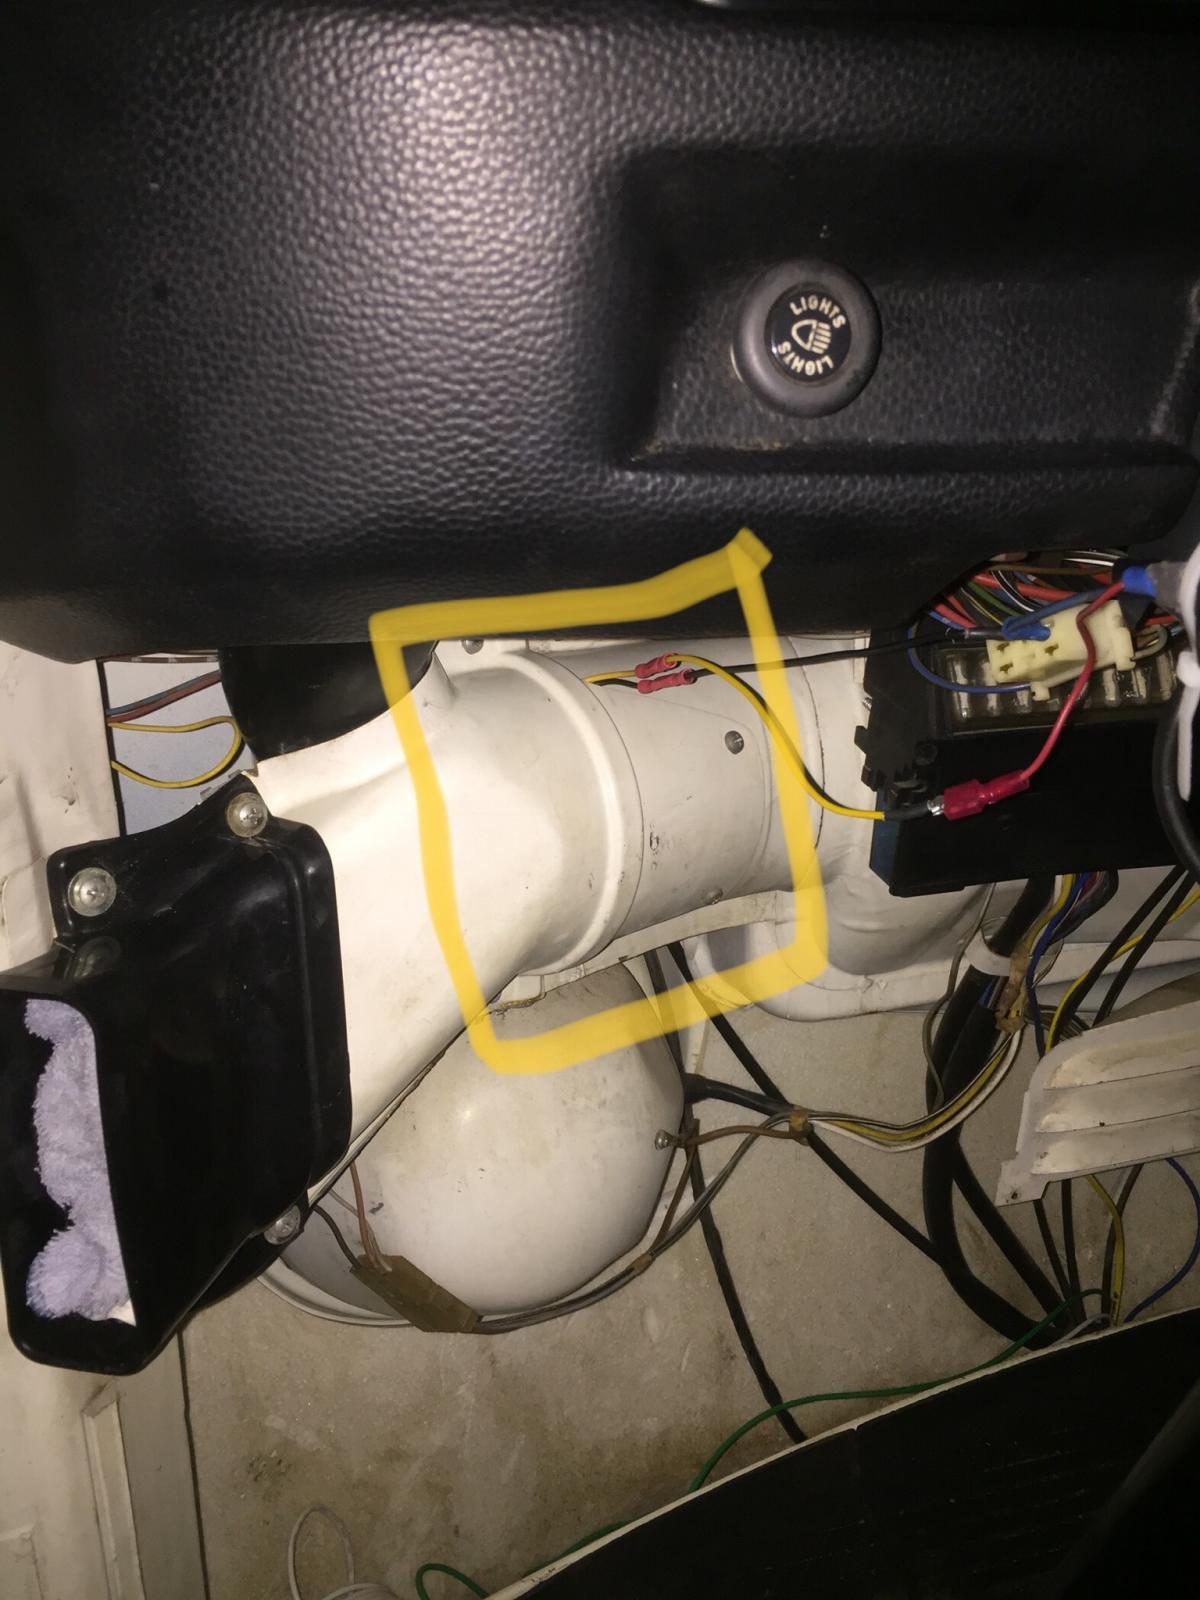 Bulge blower fan